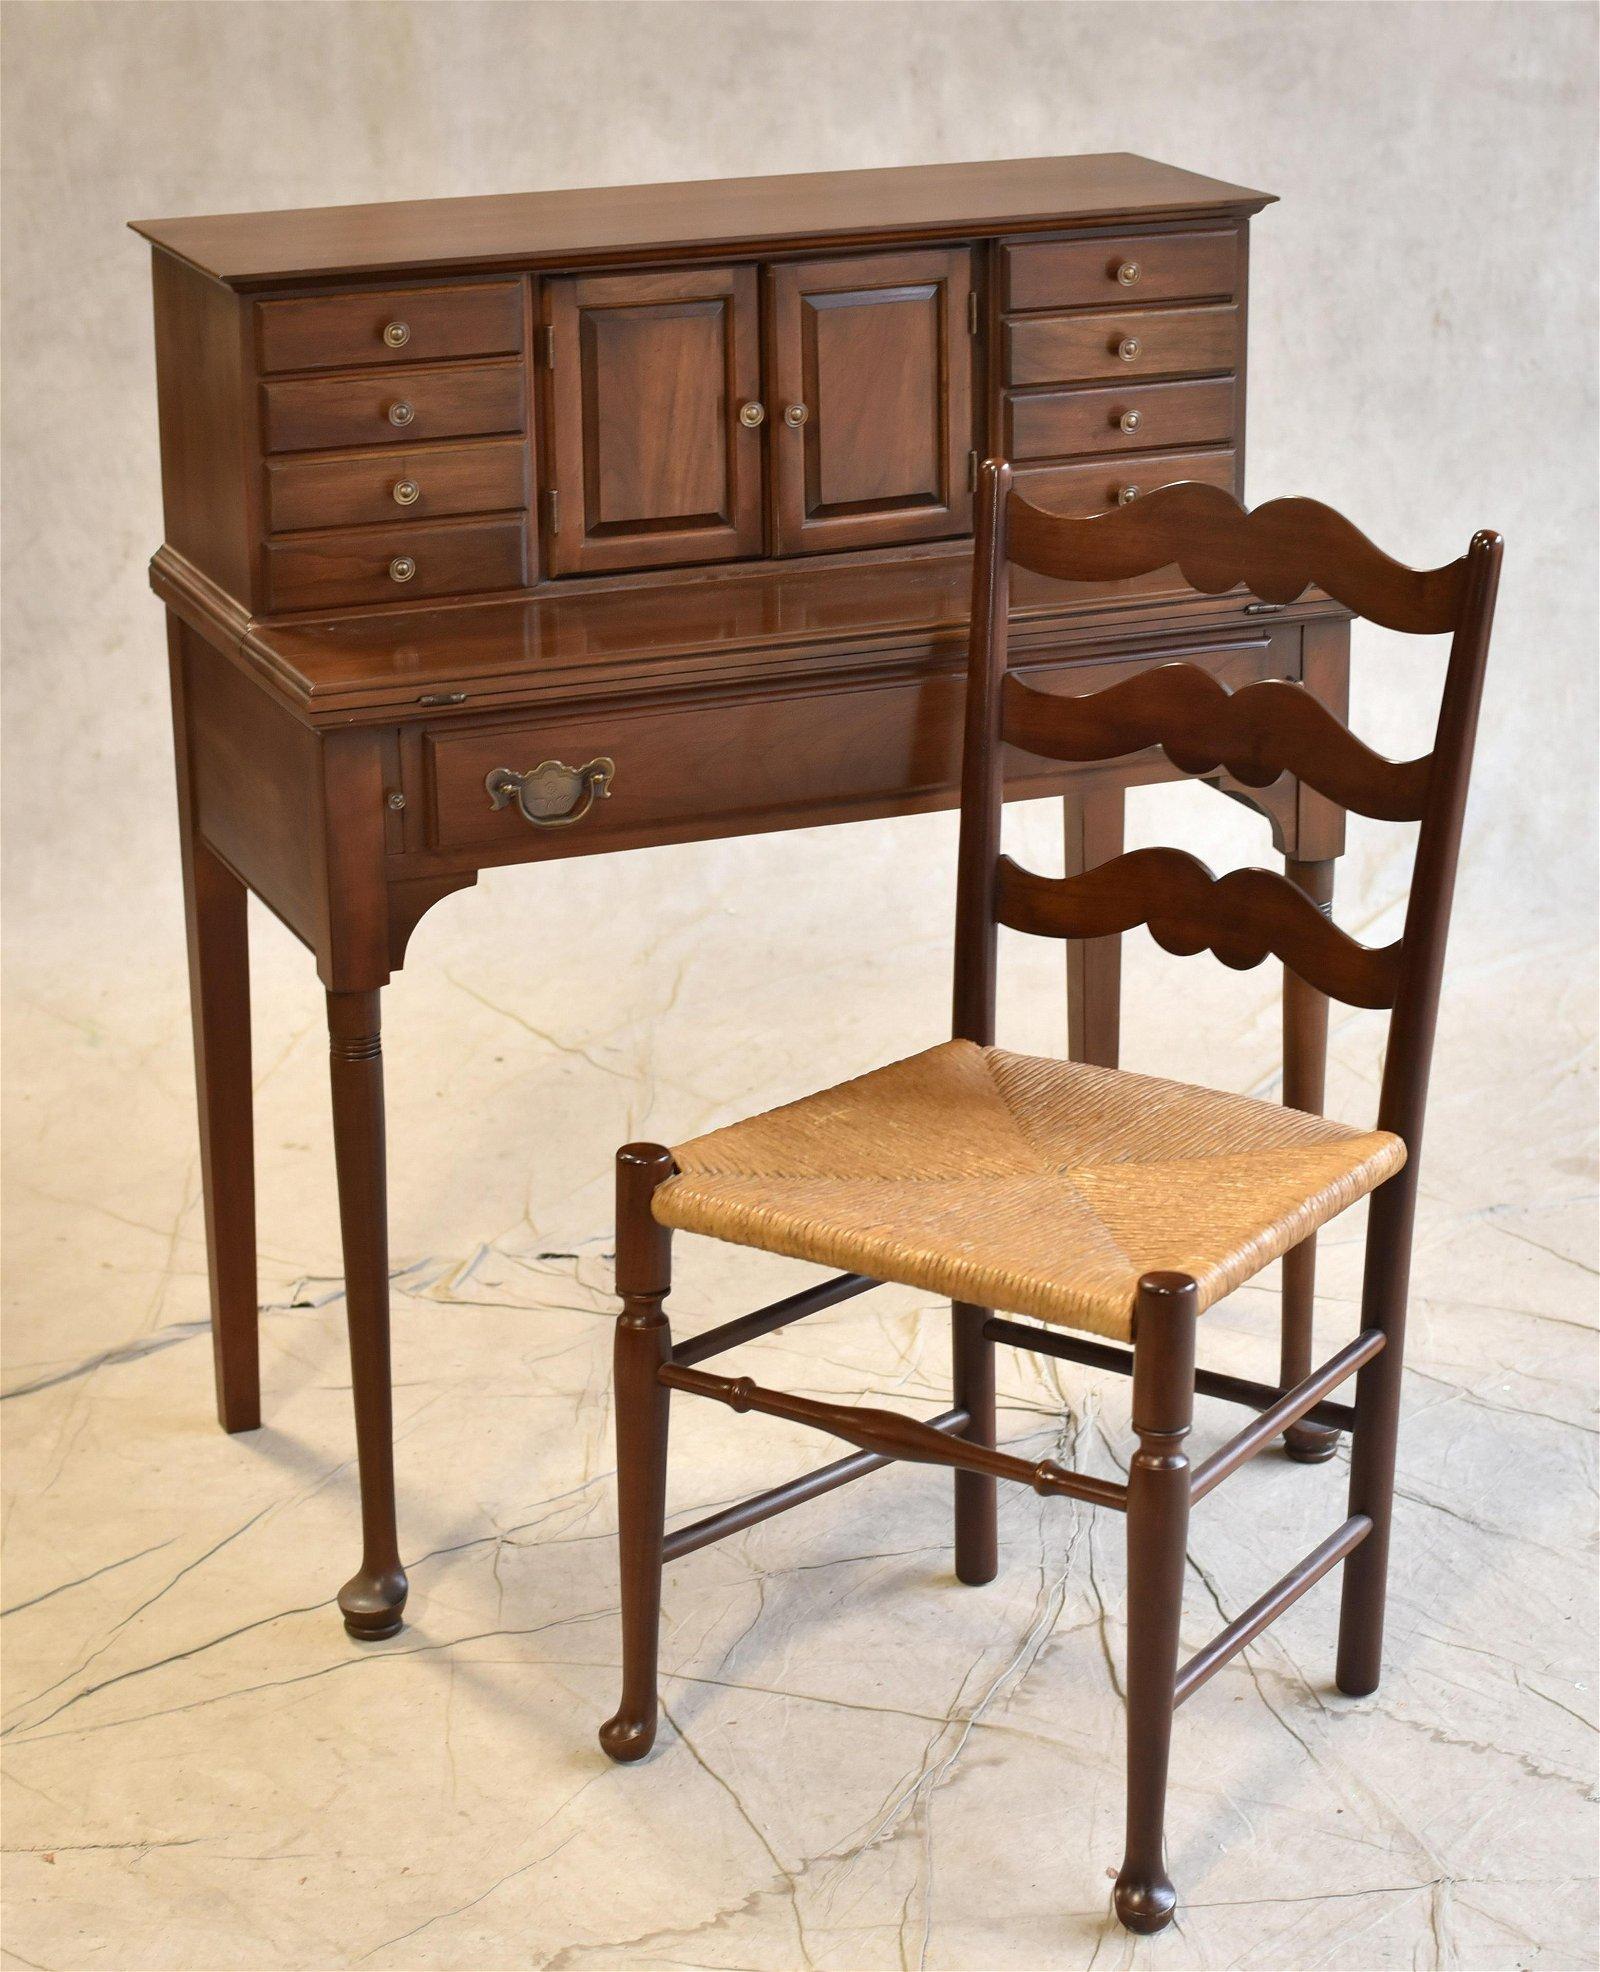 Queen Anne style cherry ladies desk, chair